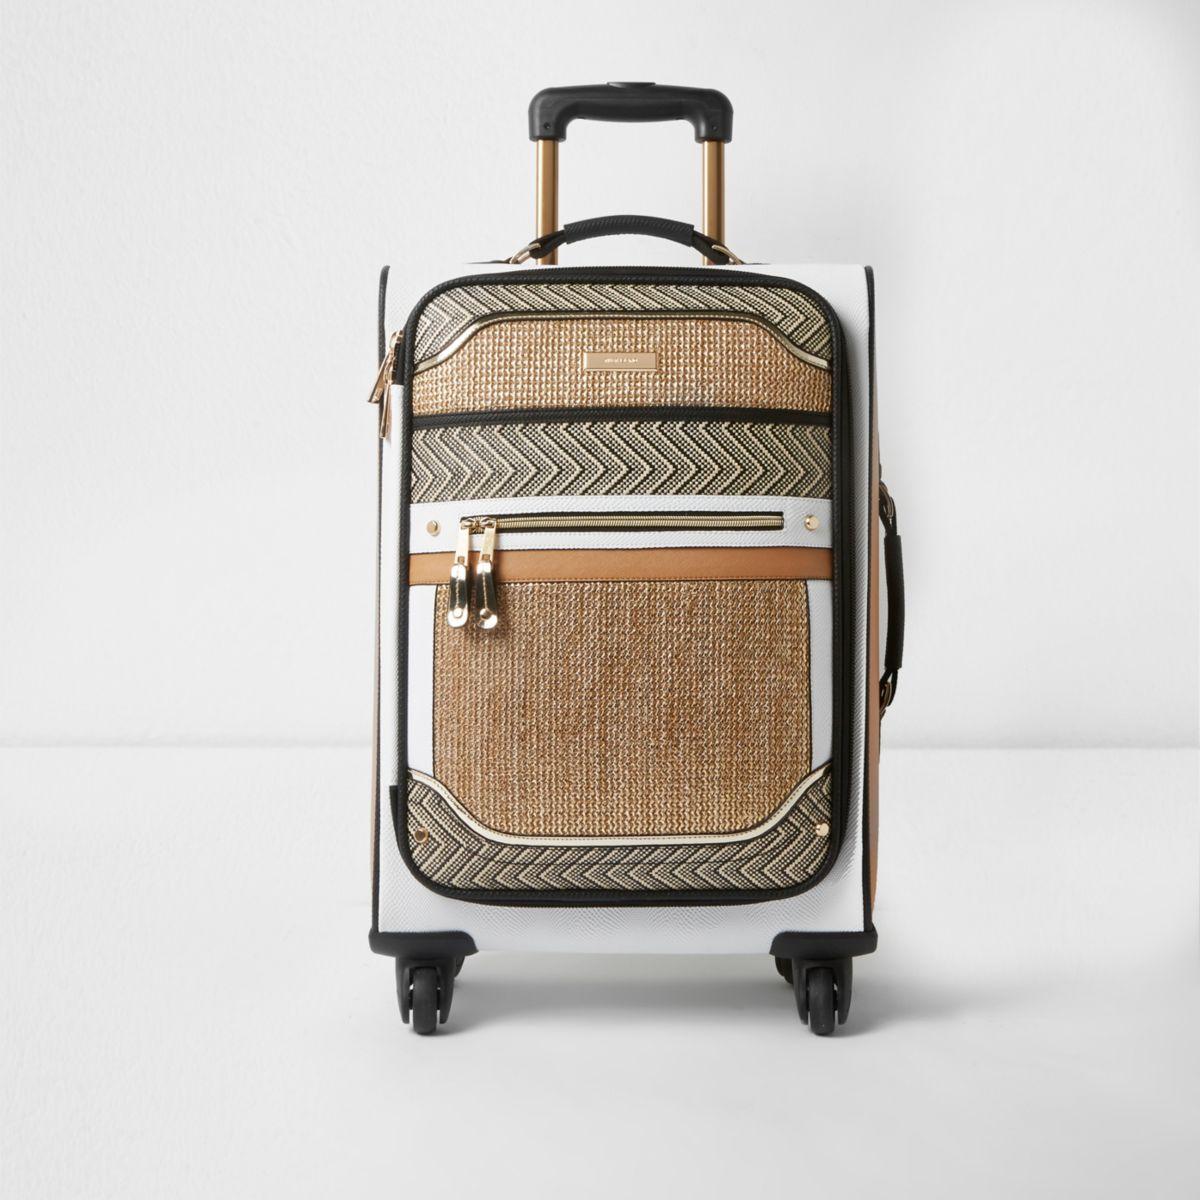 Beige koffer met vier wieltjes en gevlochten paneel